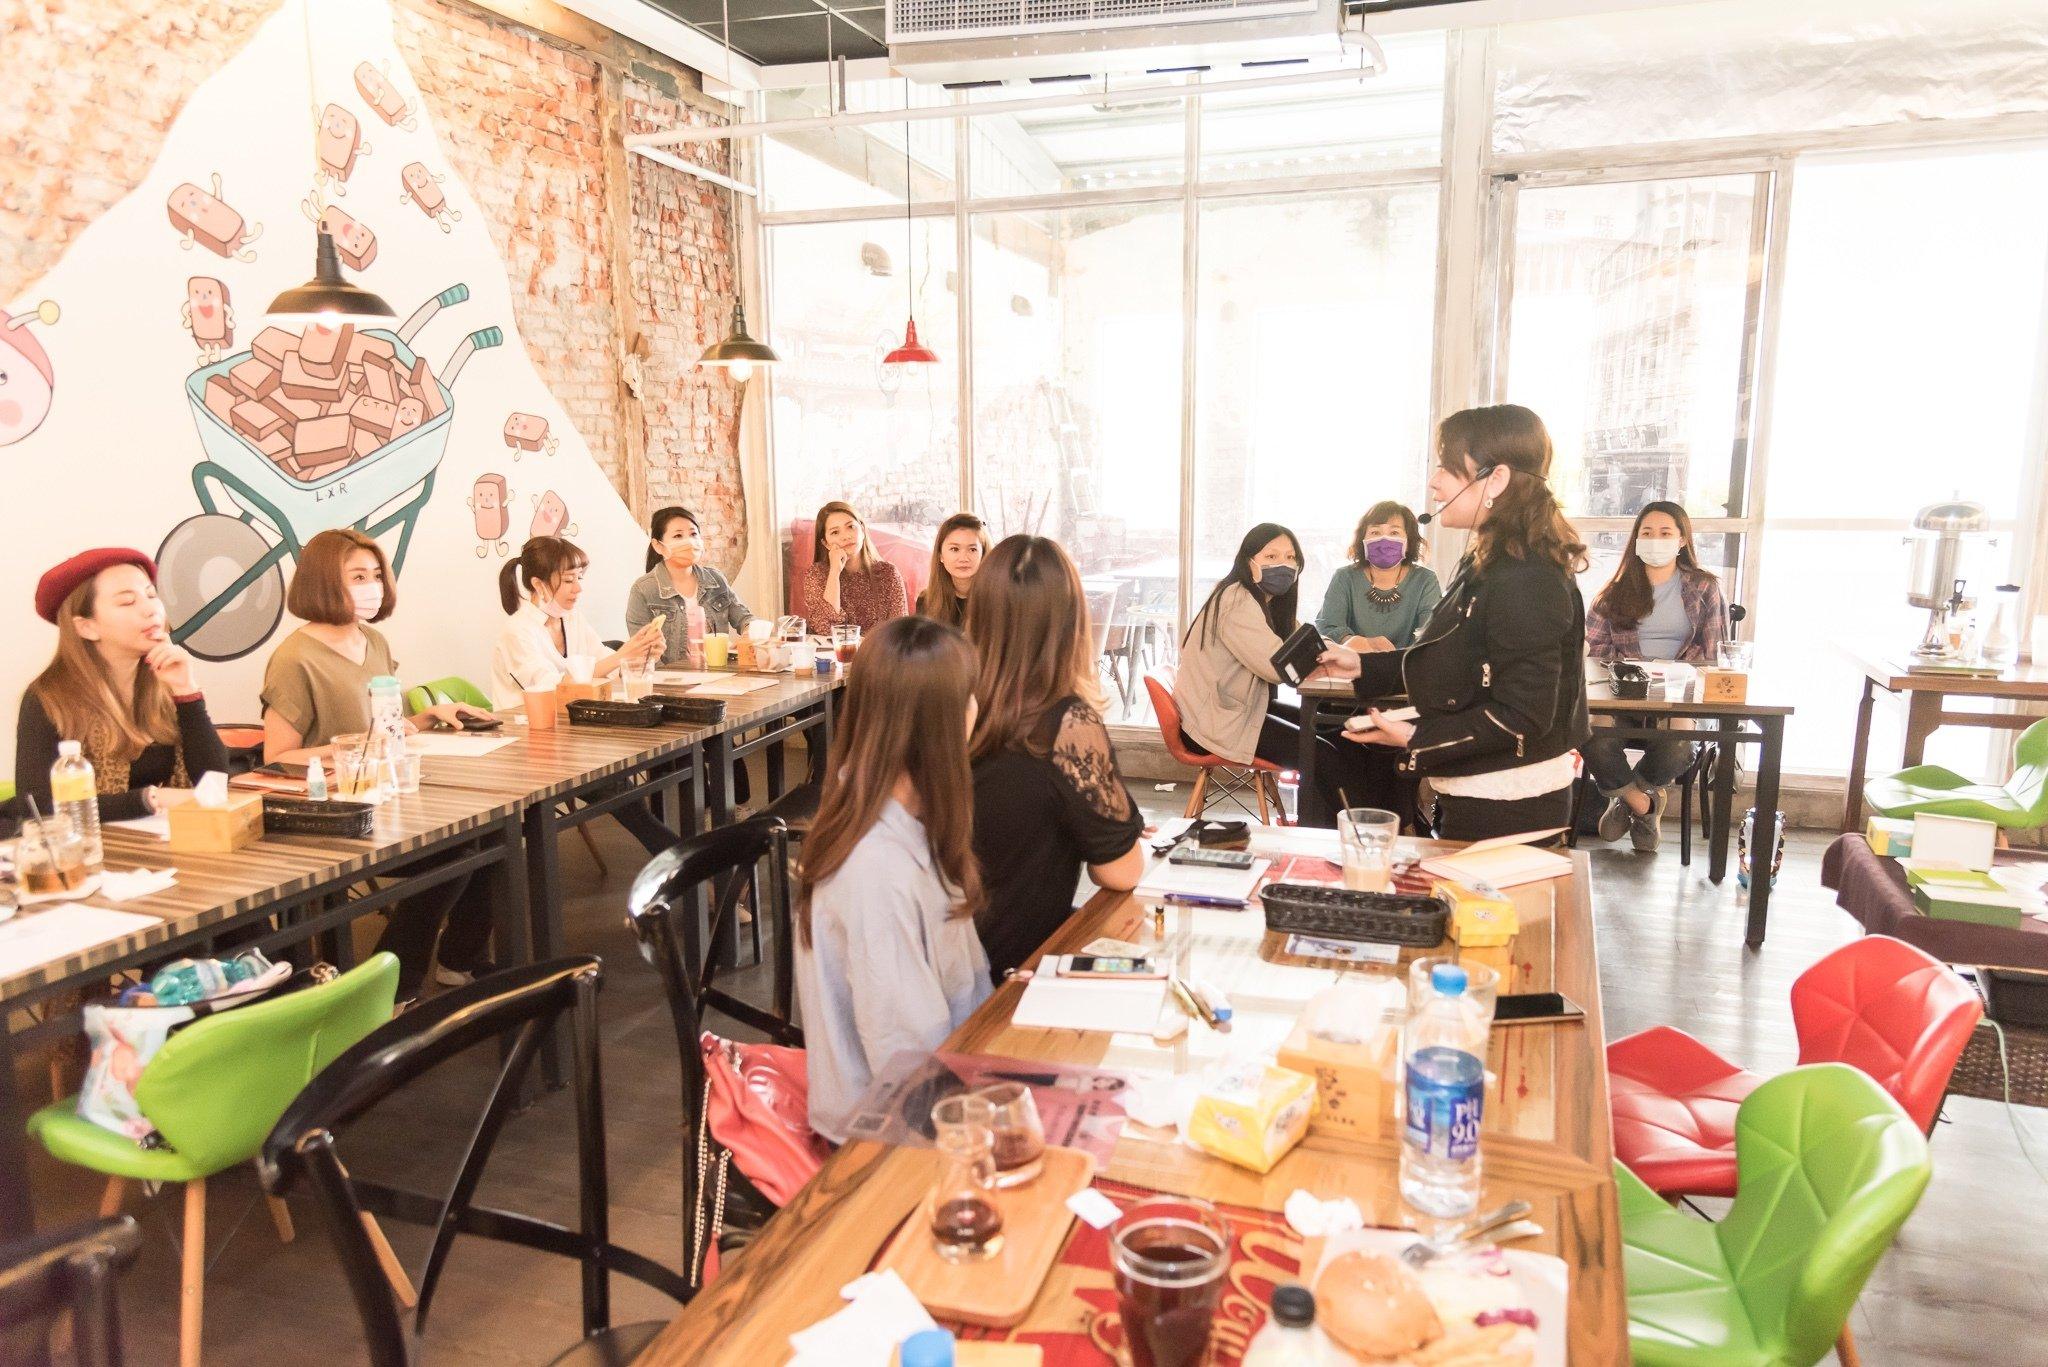 愛閃耀團隊活動聚會紀錄 透過教育培訓提高銷售力